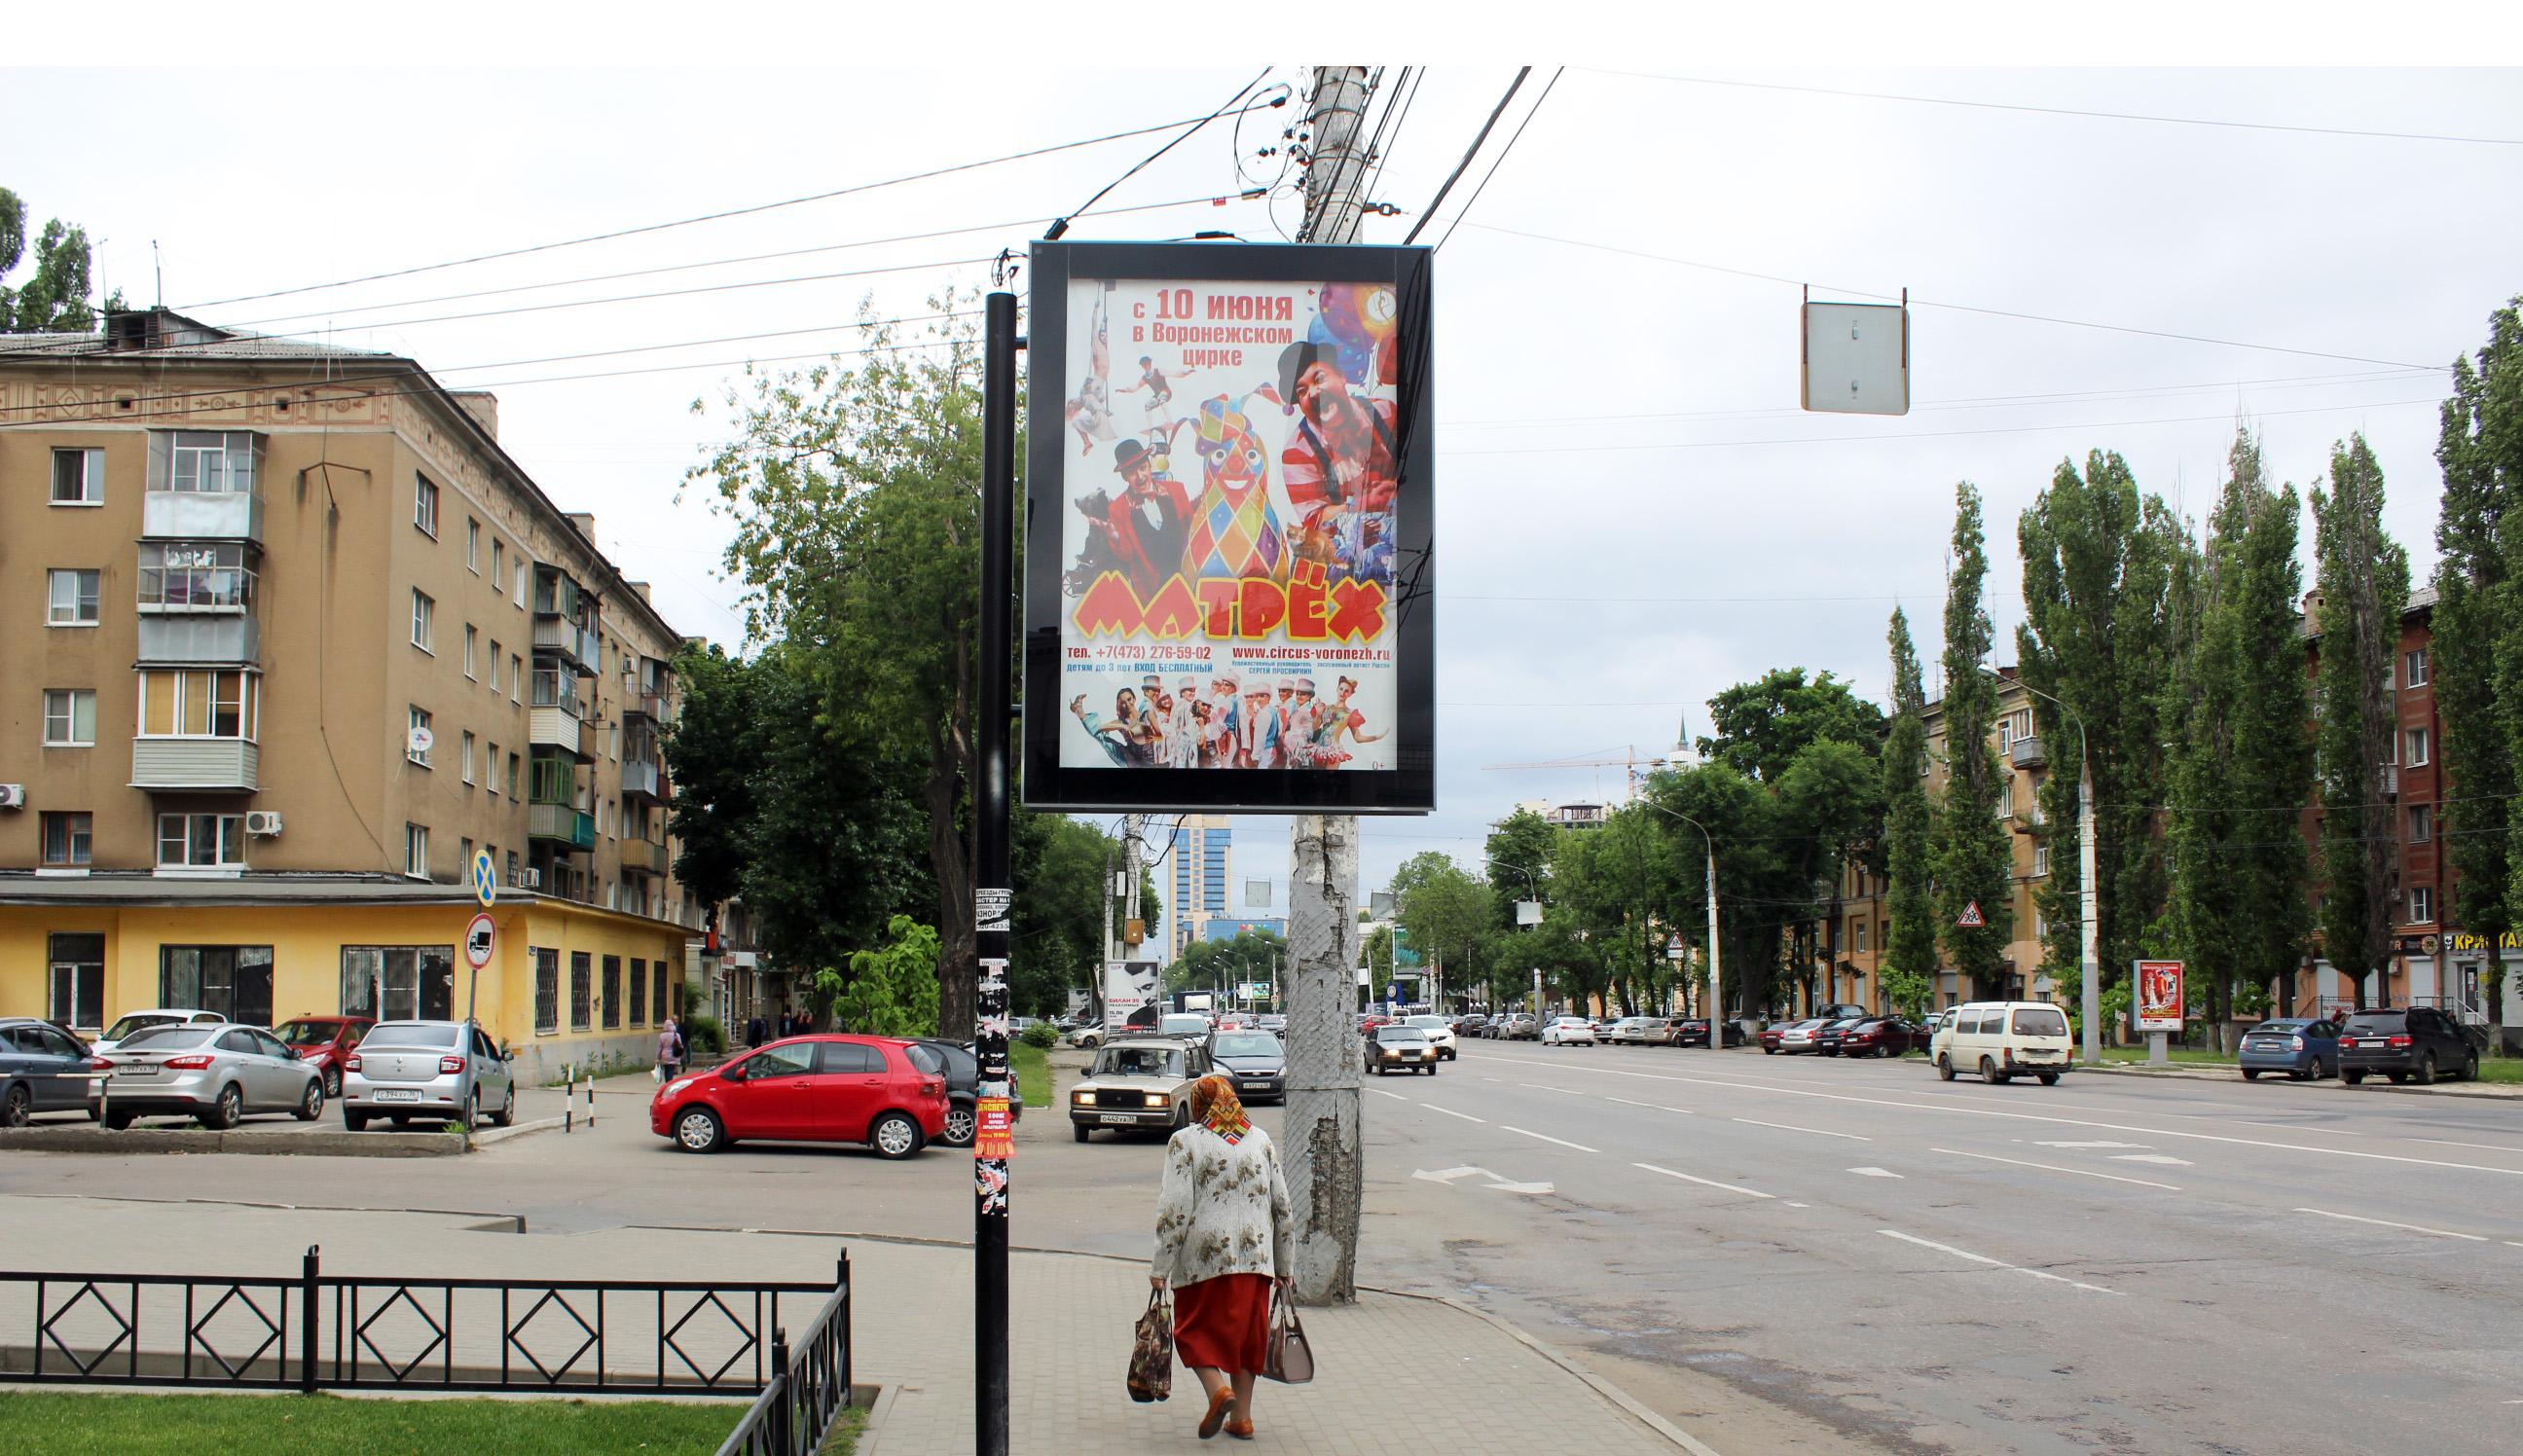 308В  ул. Кольцовская, д. 80. ХОРЕКА